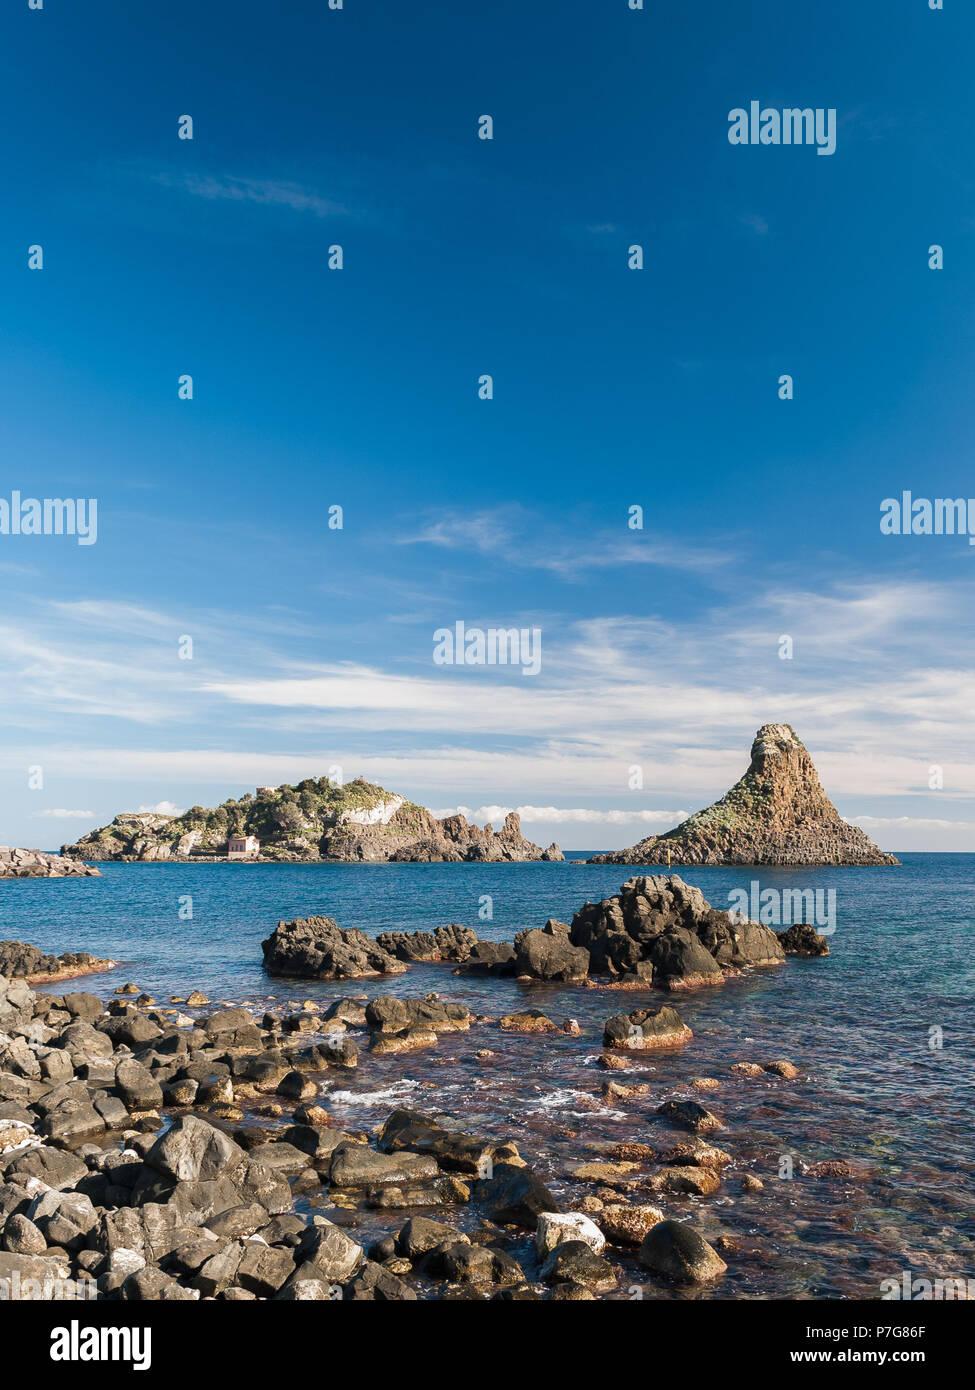 Isla Lachea y una pila de mar, las características geológicas Acitrezza (Sicilia). Foto de stock